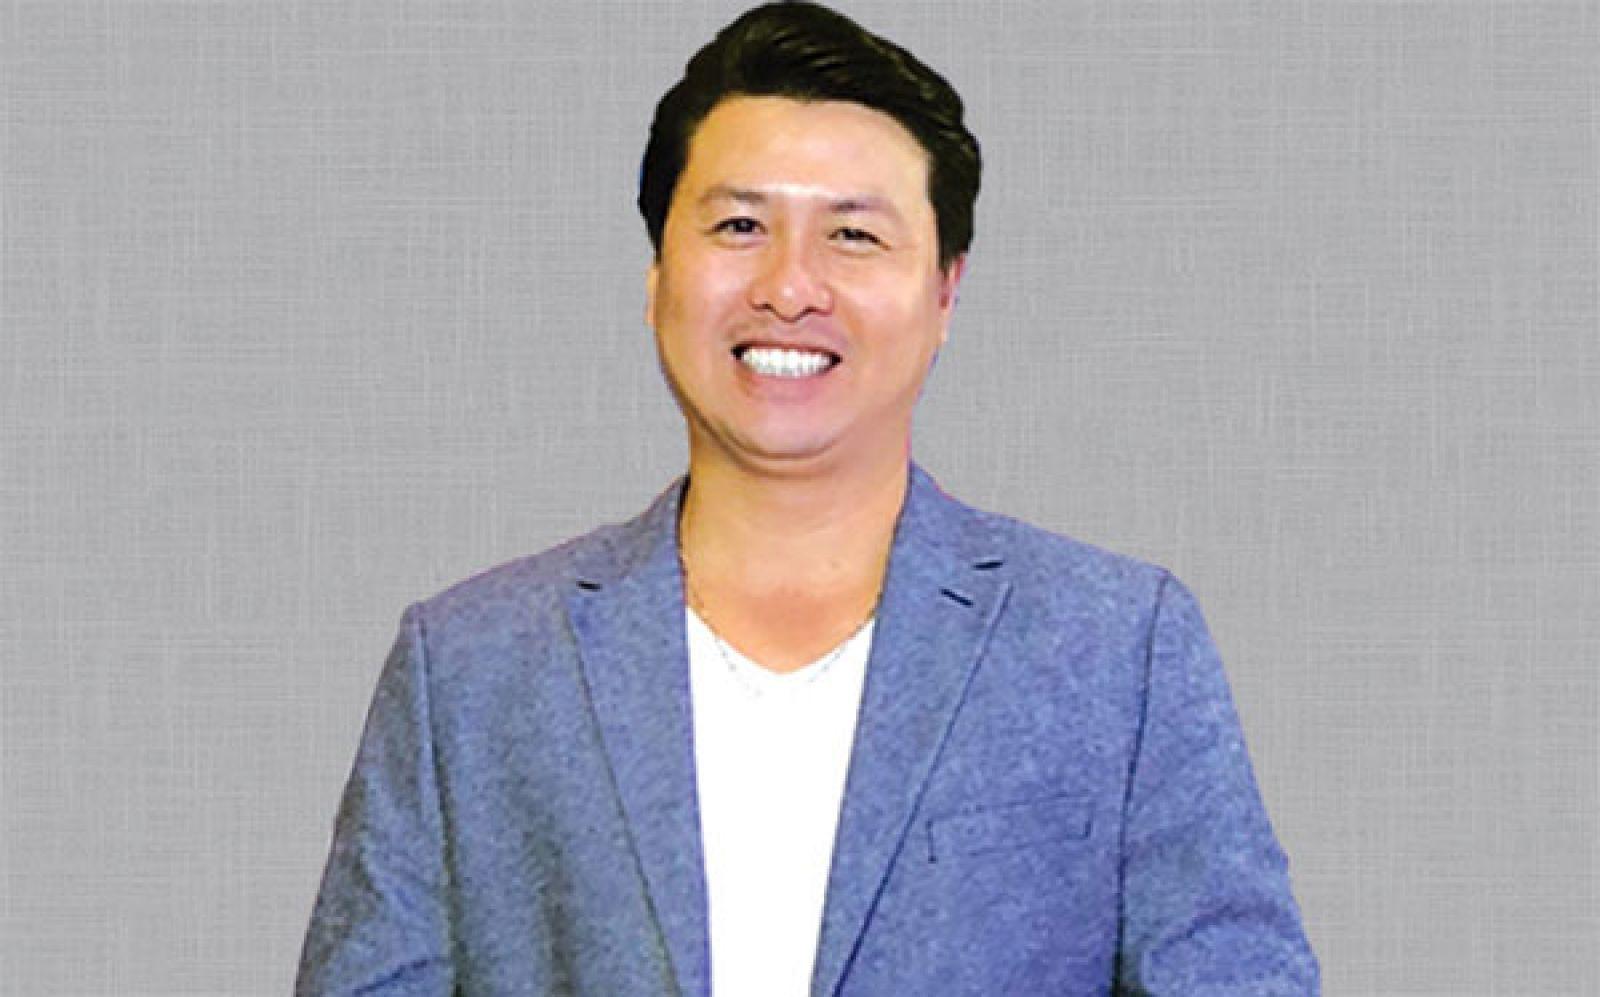 Doanh nhân trẻ Nguyễn Đức Minh - Giám đốc Công ty TNHH Dịch vụ Giải trí Thời Gian (The Time).